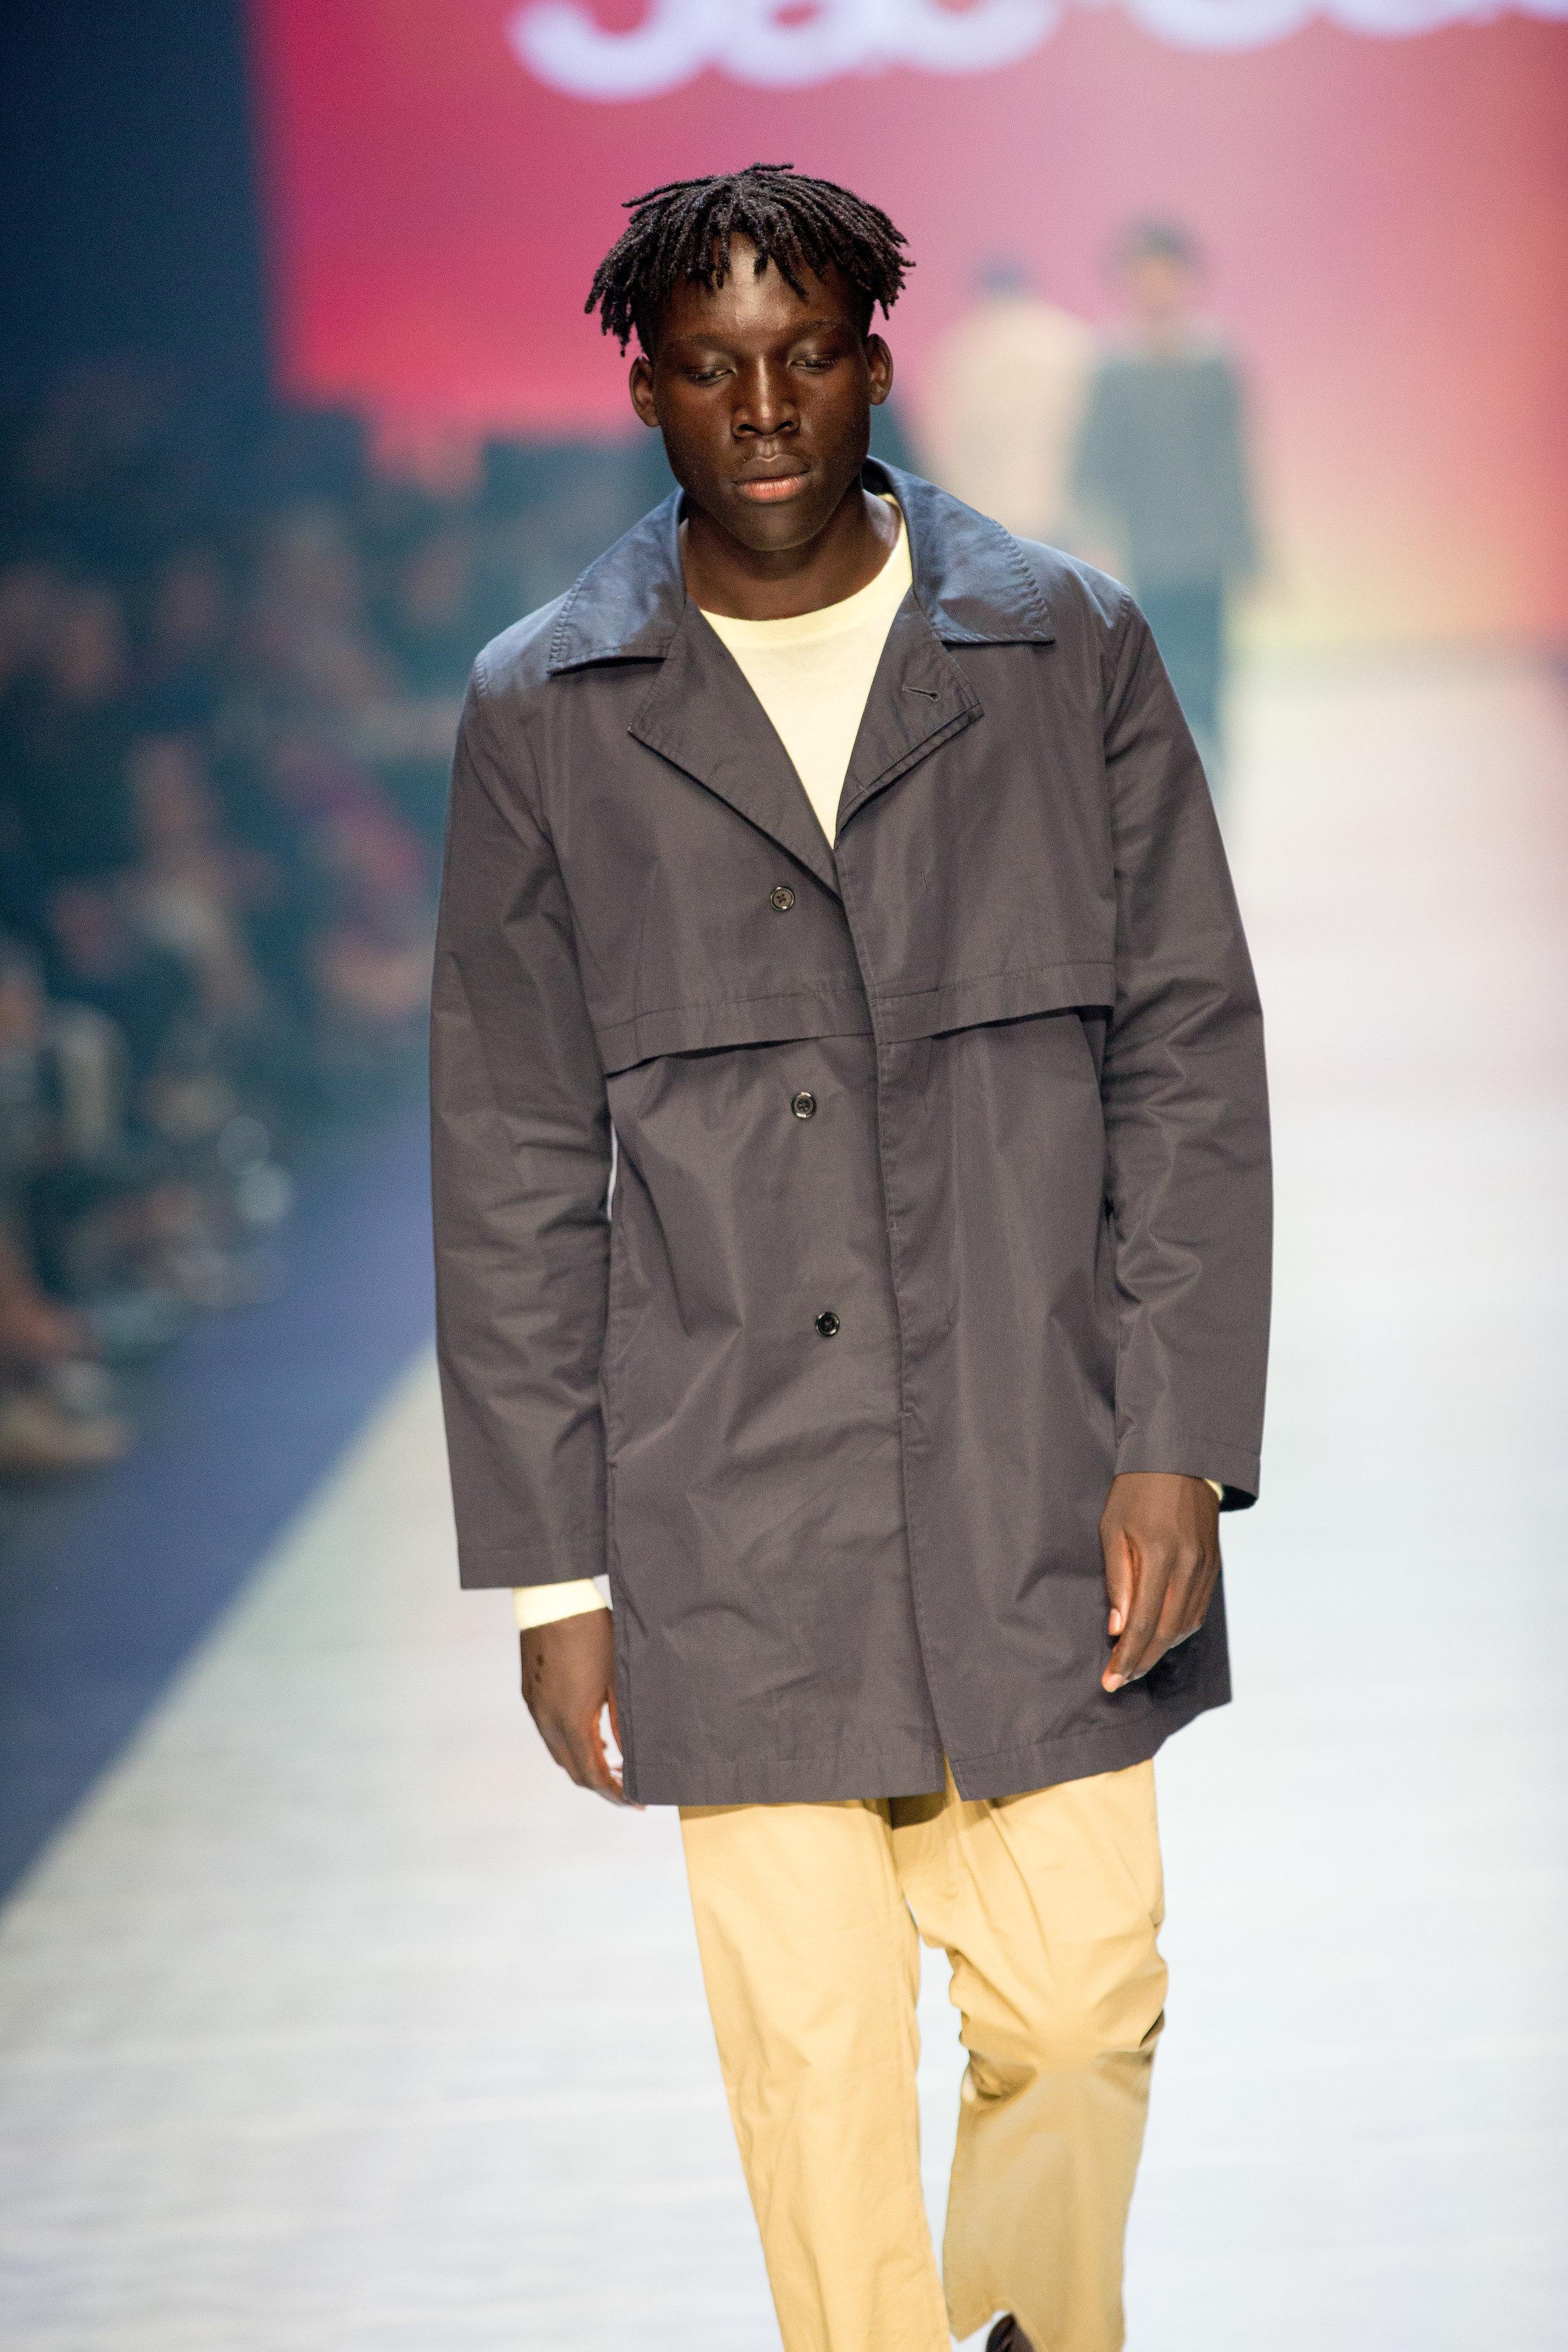 VAMFF2019_GQ Menswear-179.jpg